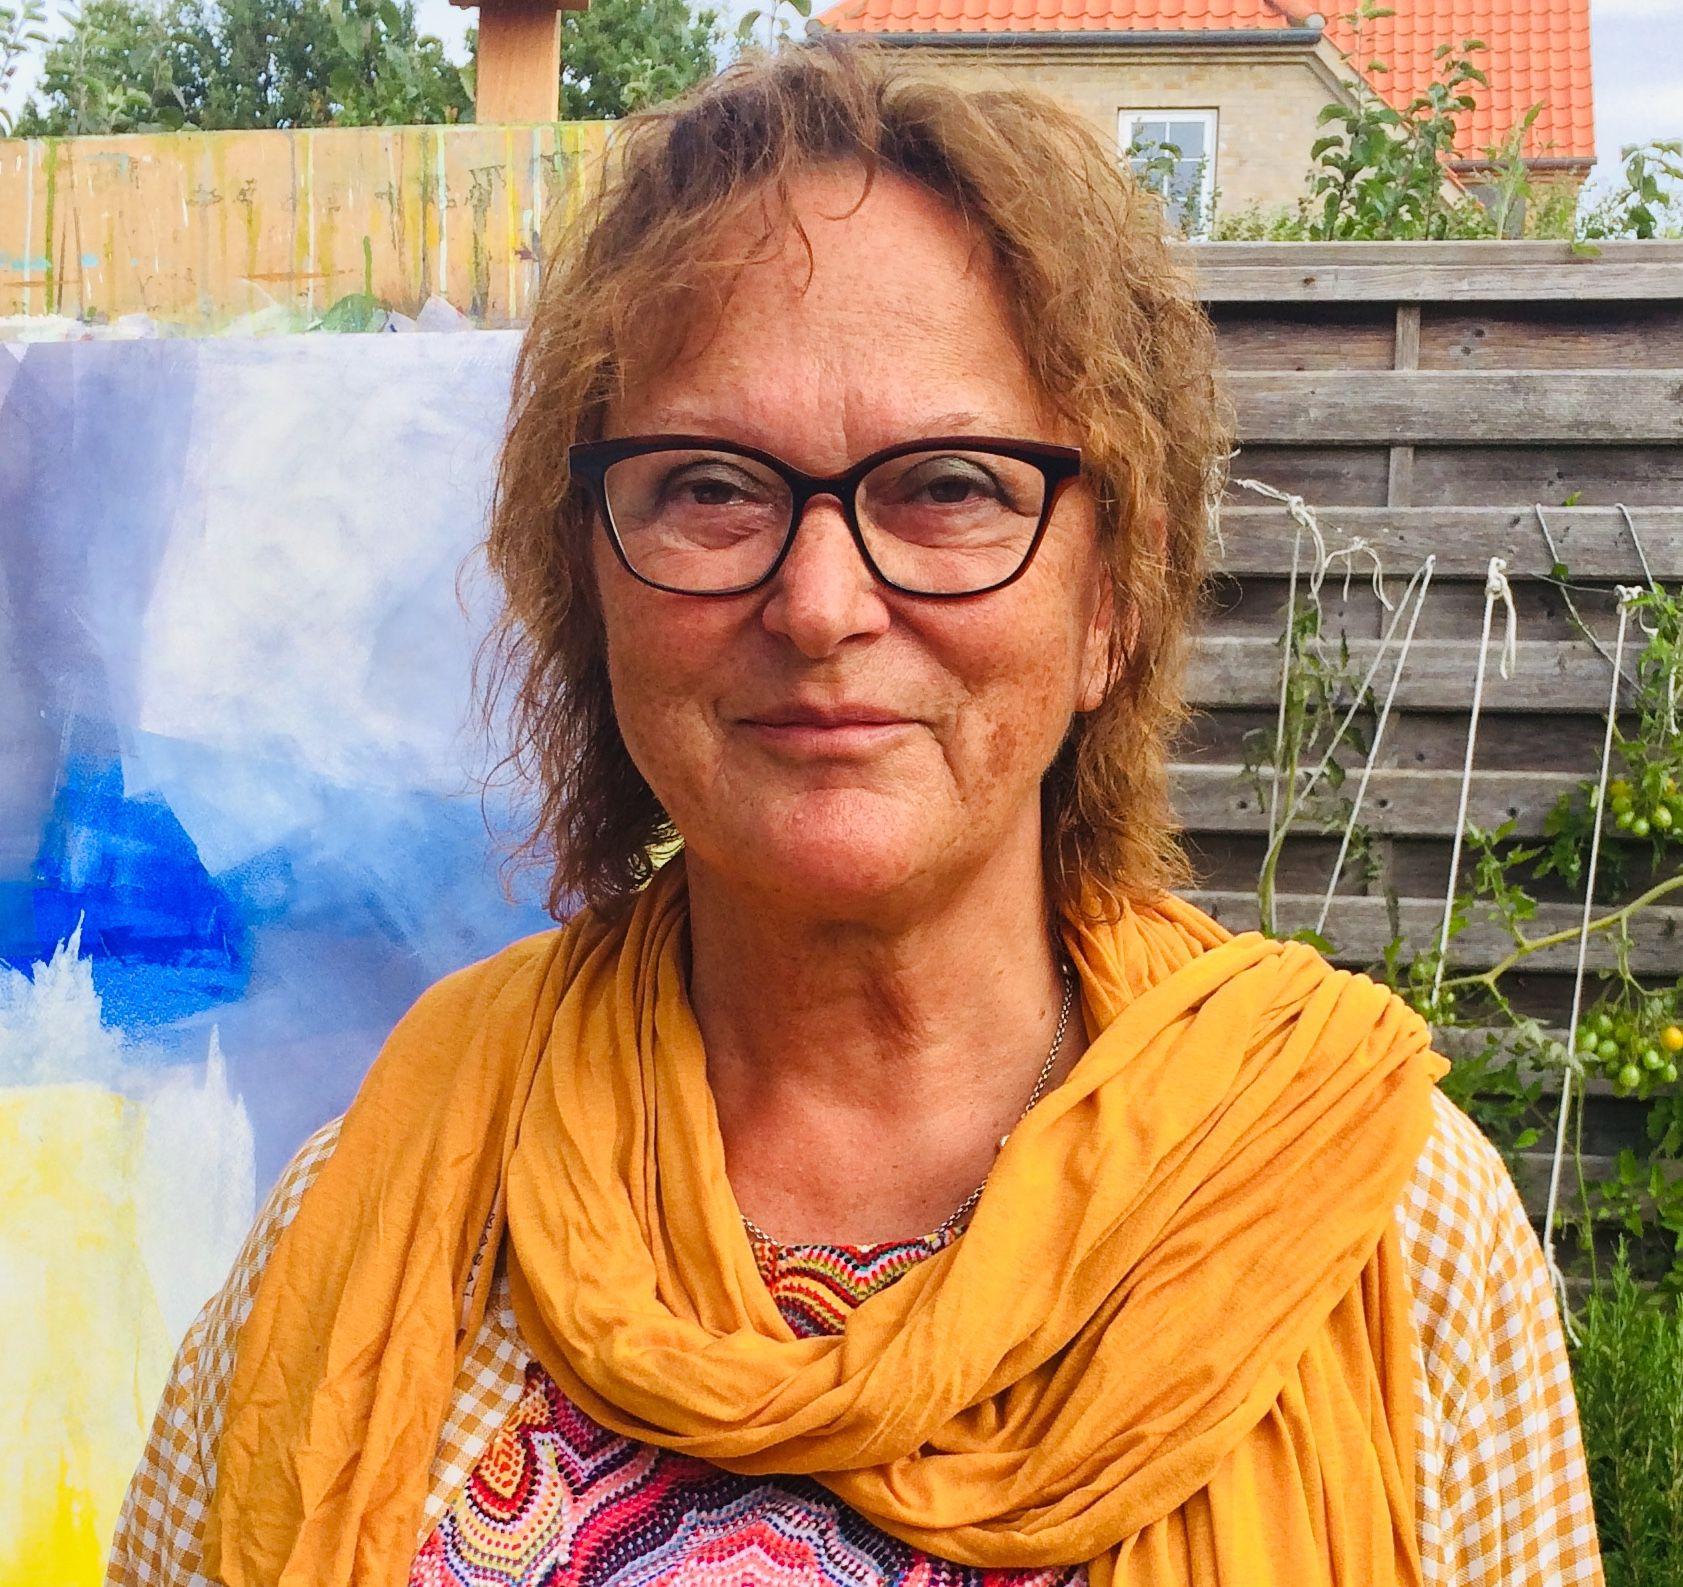 Else Sofie Munkholm Bager